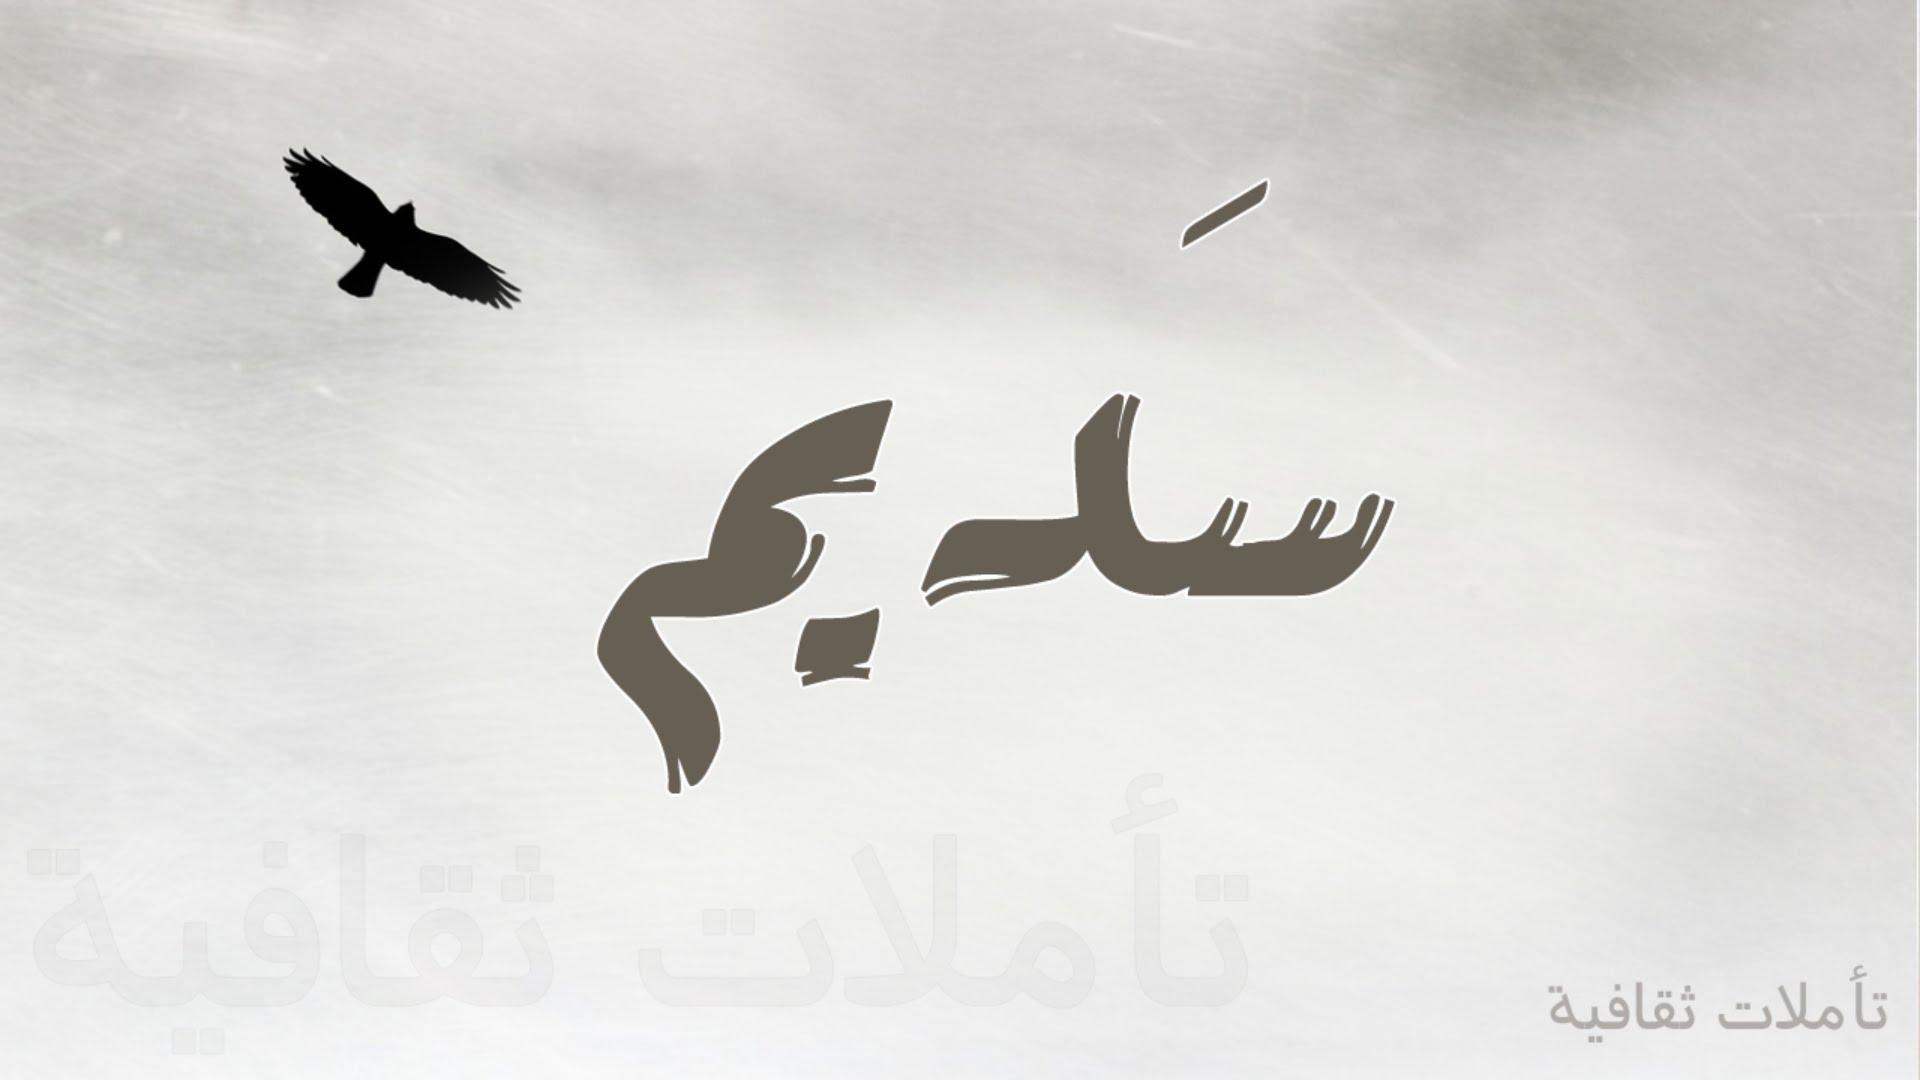 صورة معنى اسم سديم , ادق معني لاسم سديم